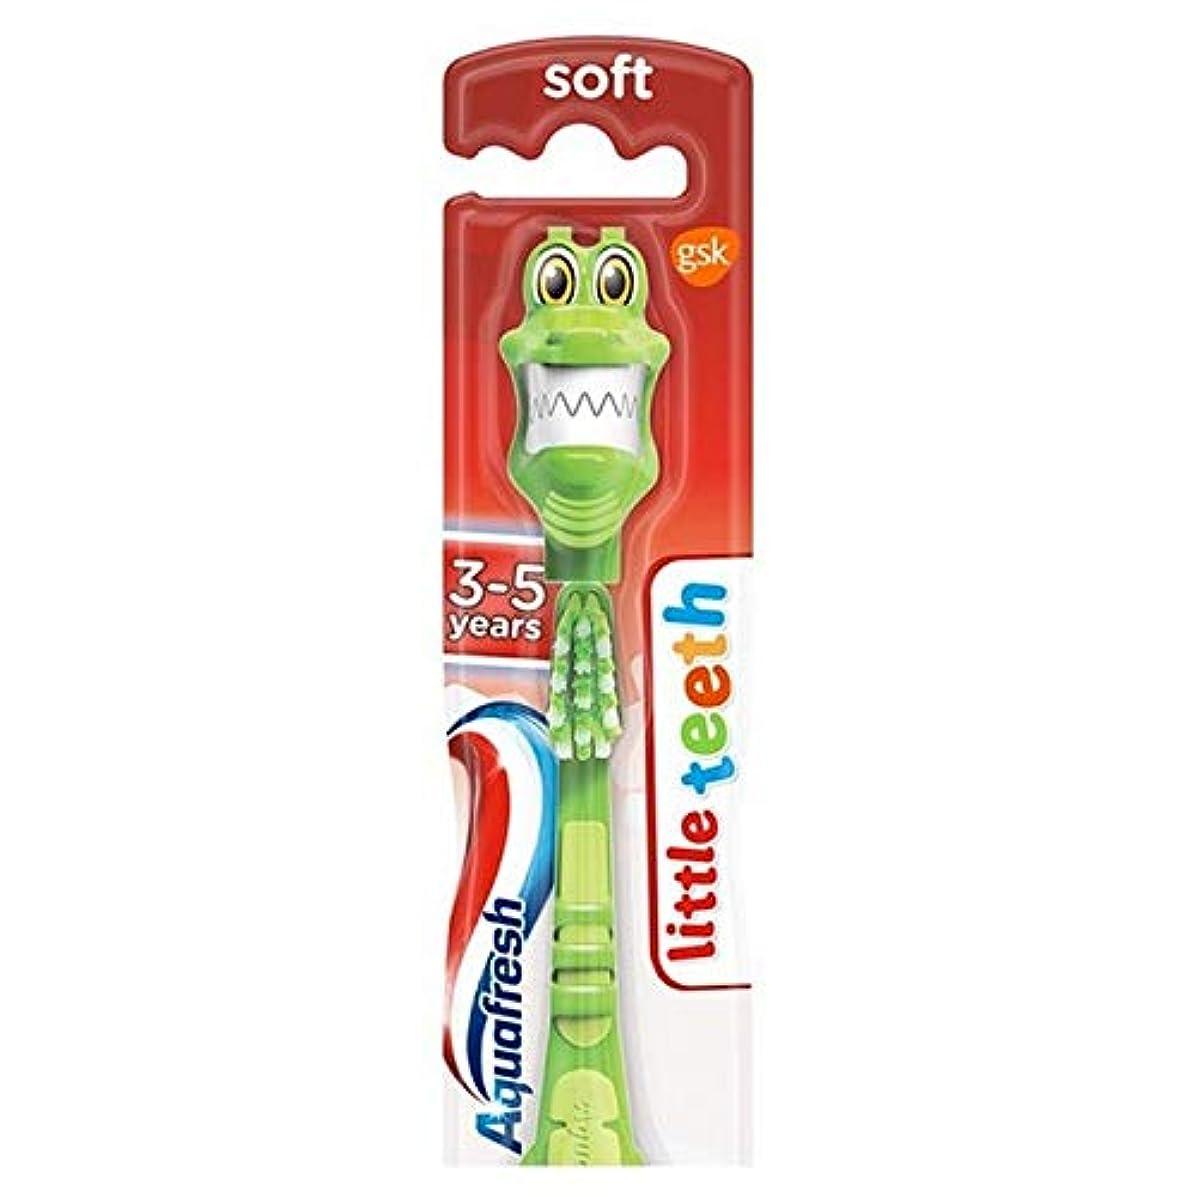 感謝祭スクリュー荒らす[Aquafresh ] アクアフレッシュ少し歯3~5人の子供の柔らかい歯ブラシ - Aquafresh Little Teeth 3-5 Years Kids Soft Toothbrush [並行輸入品]